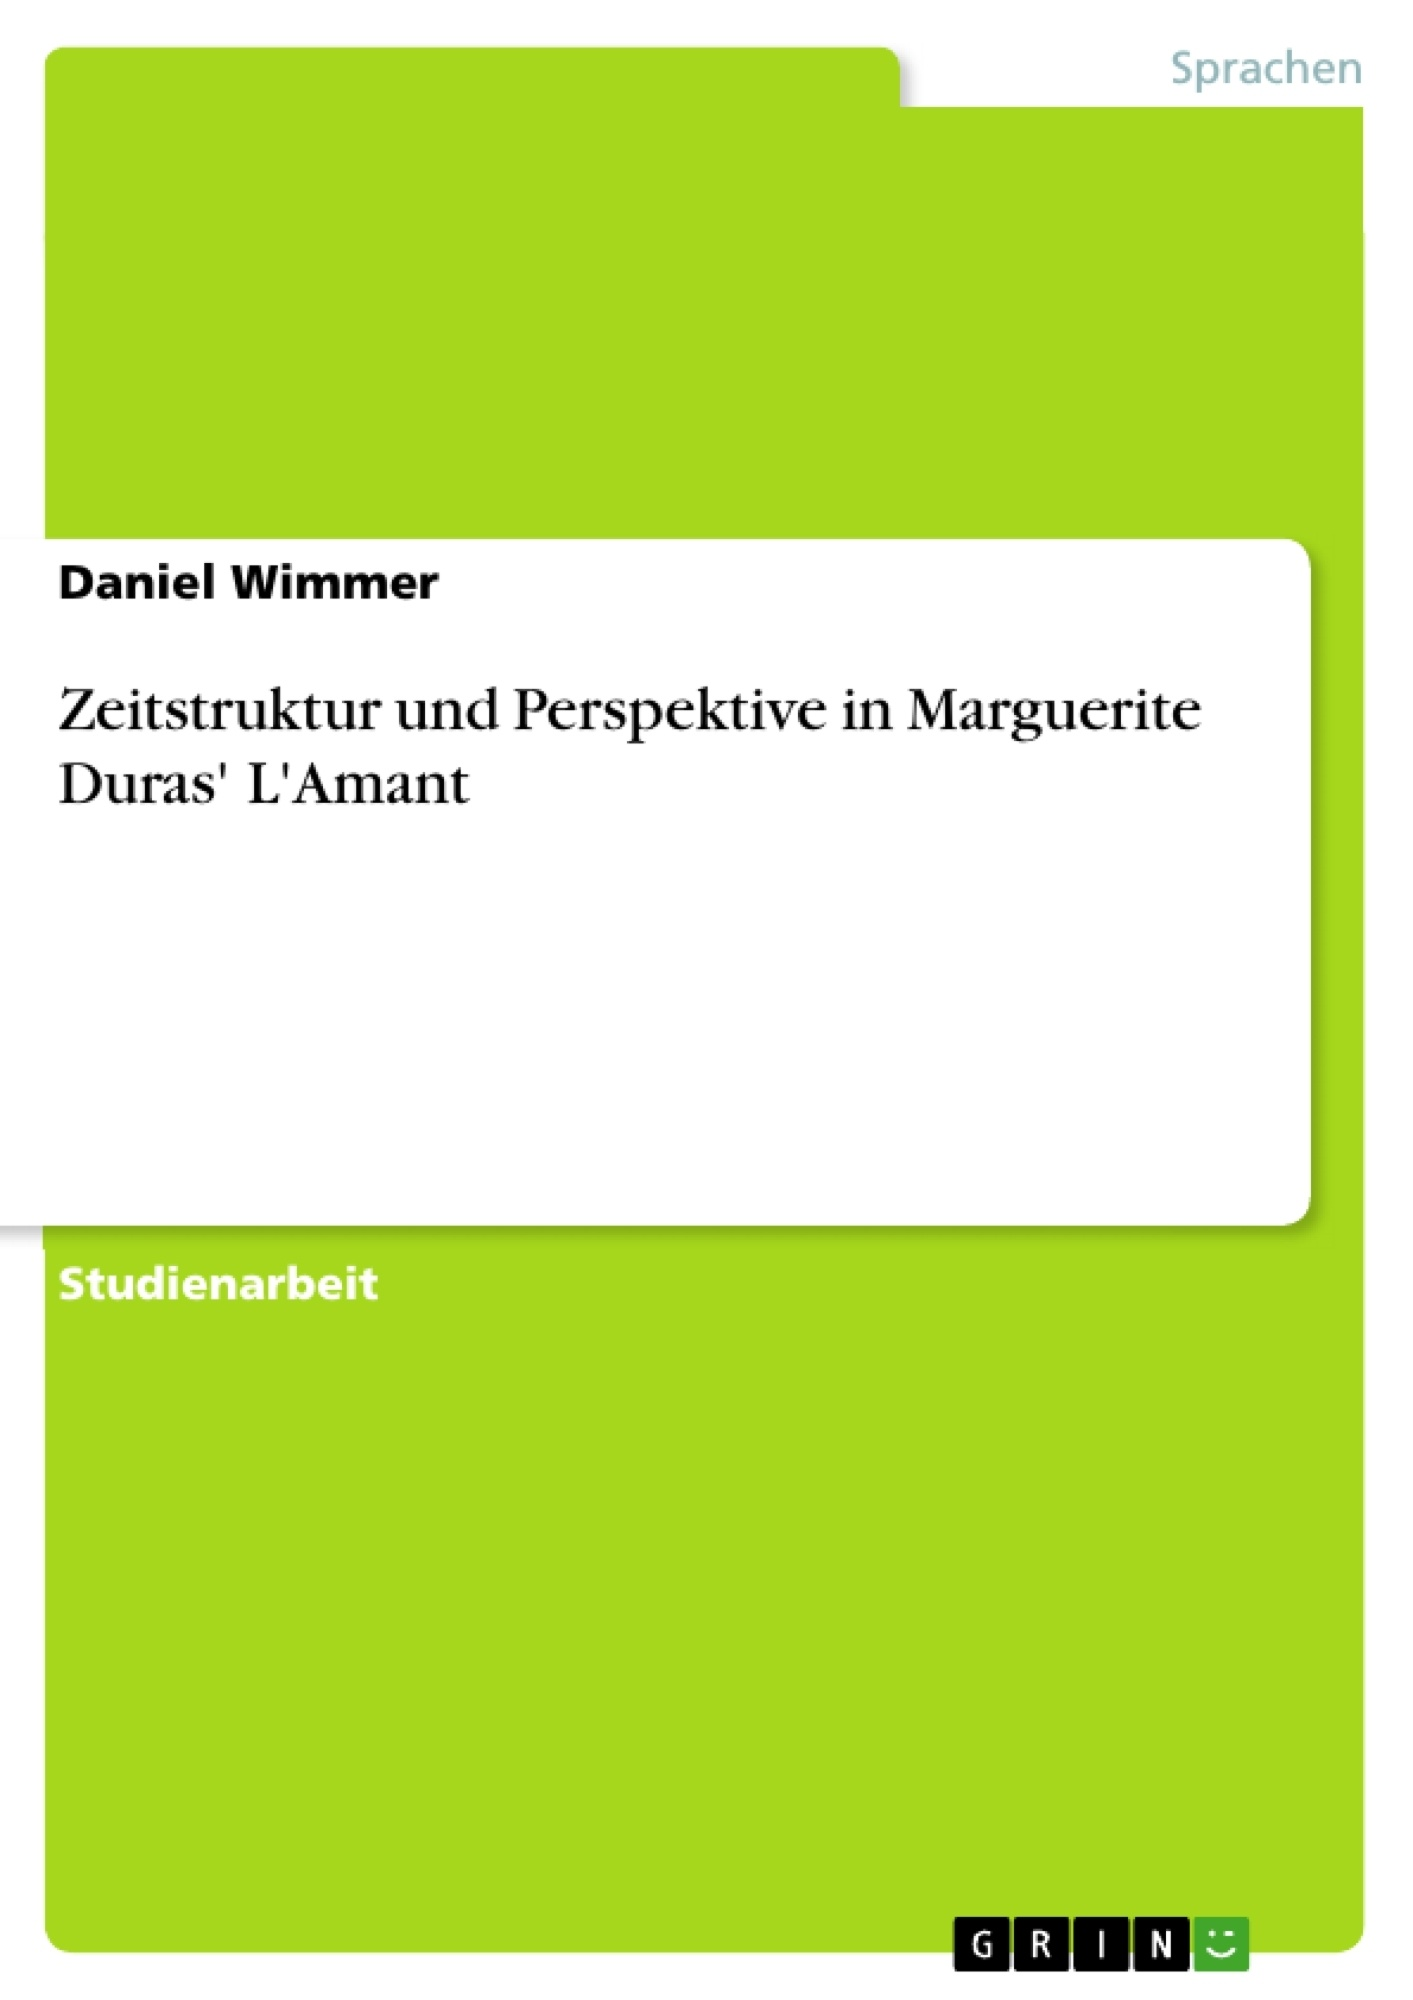 Titel: Zeitstruktur und Perspektive in Marguerite Duras' L'Amant